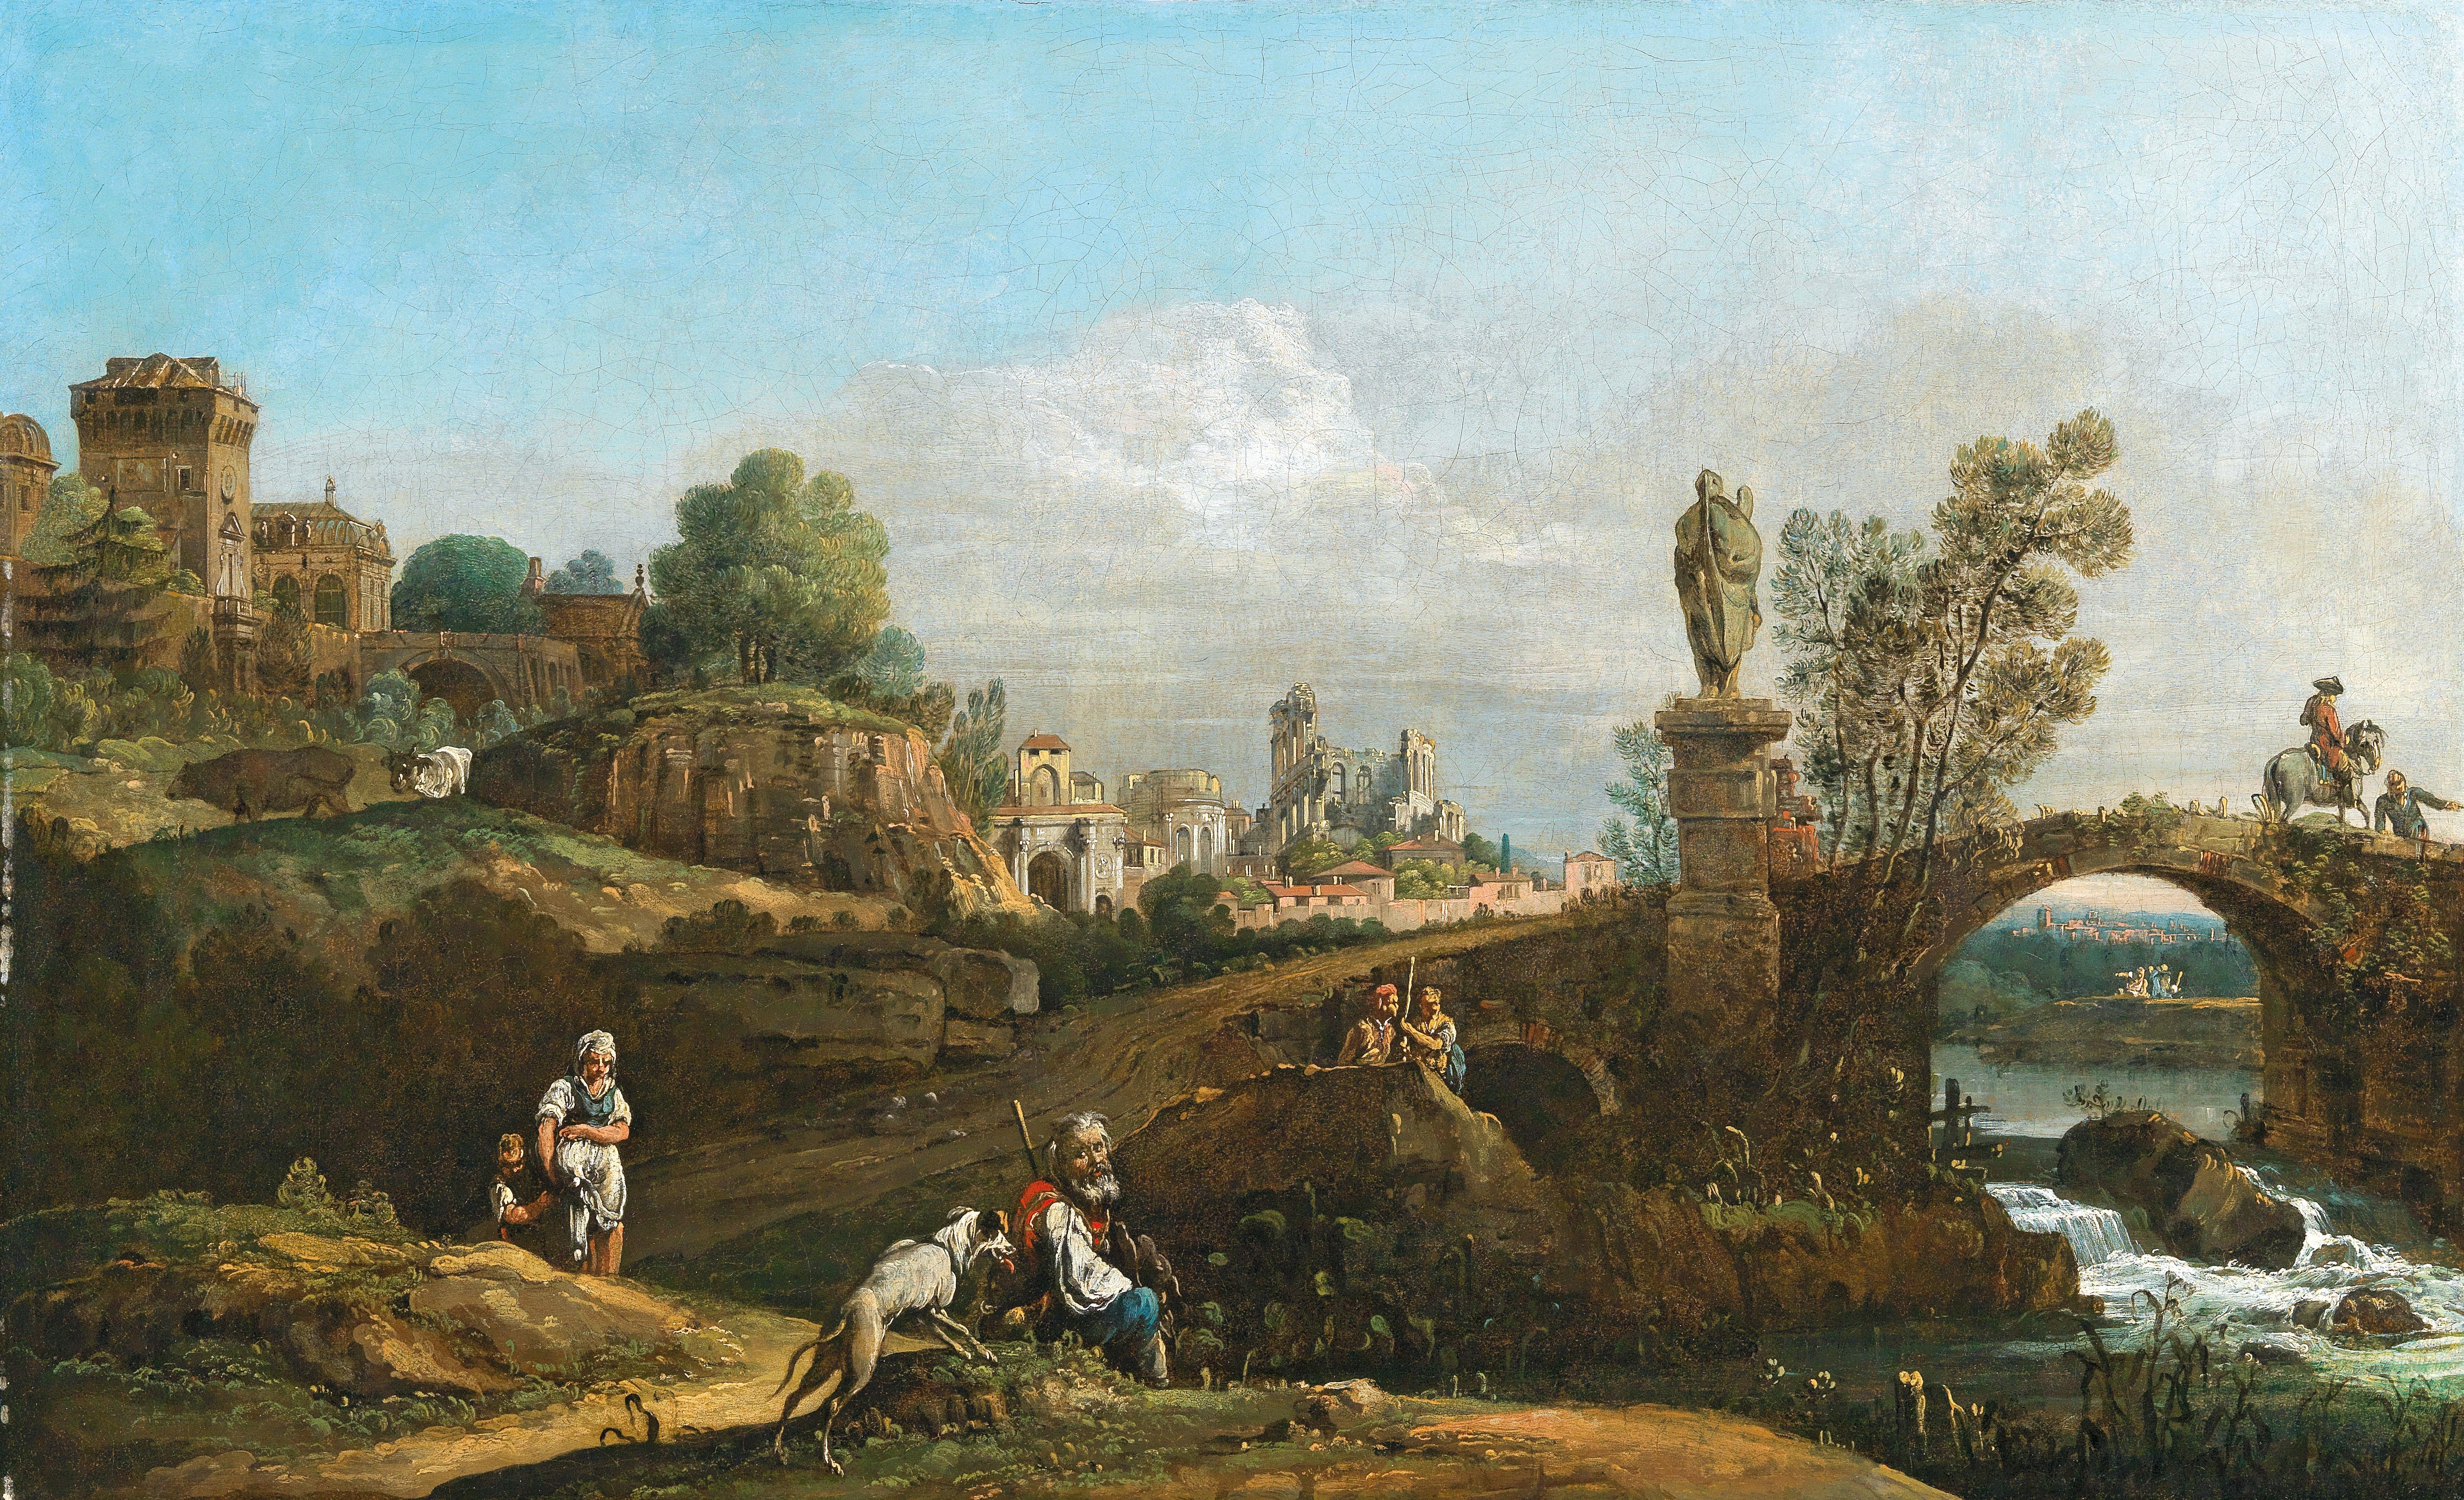 """Bernardo Bellotto, zwany Canalletto (1721-1780) """"Fantazyjny pejzaż z ruinami i panoramą Drezna"""", źródło: Dorotheum"""